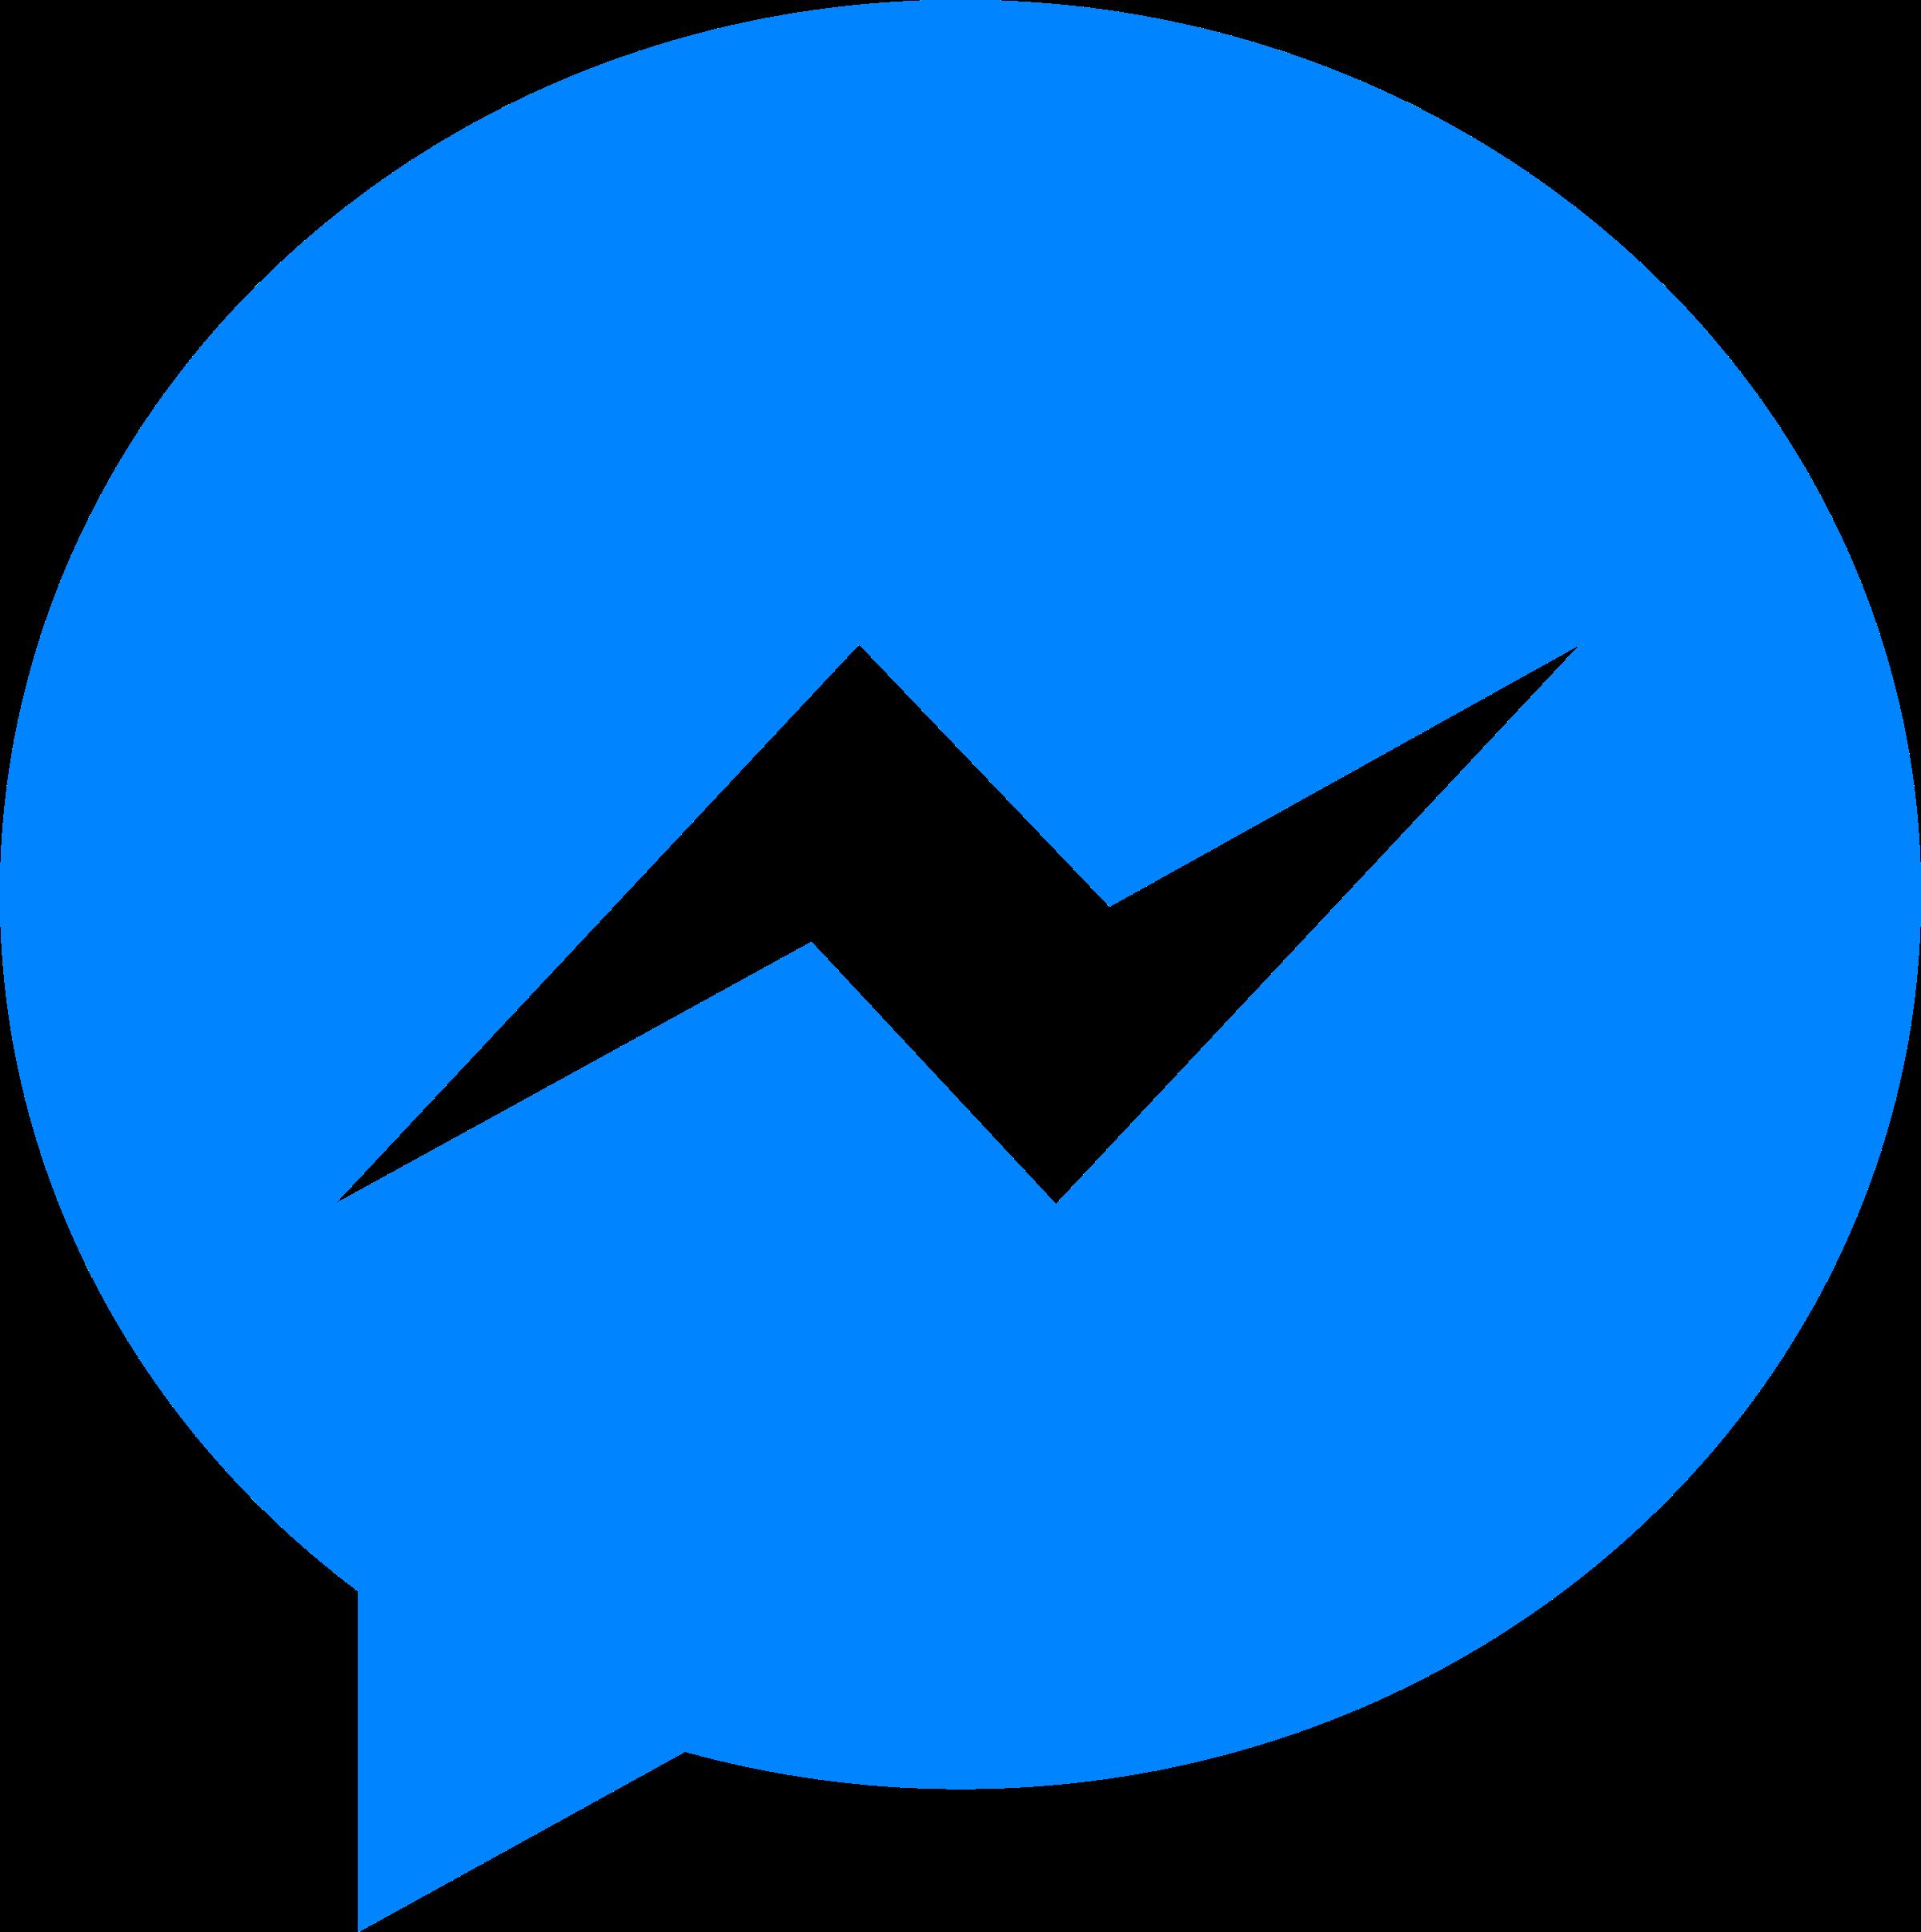 2400x2414 Facebook Messenger Logo Svg Vector Amp Png Transparent